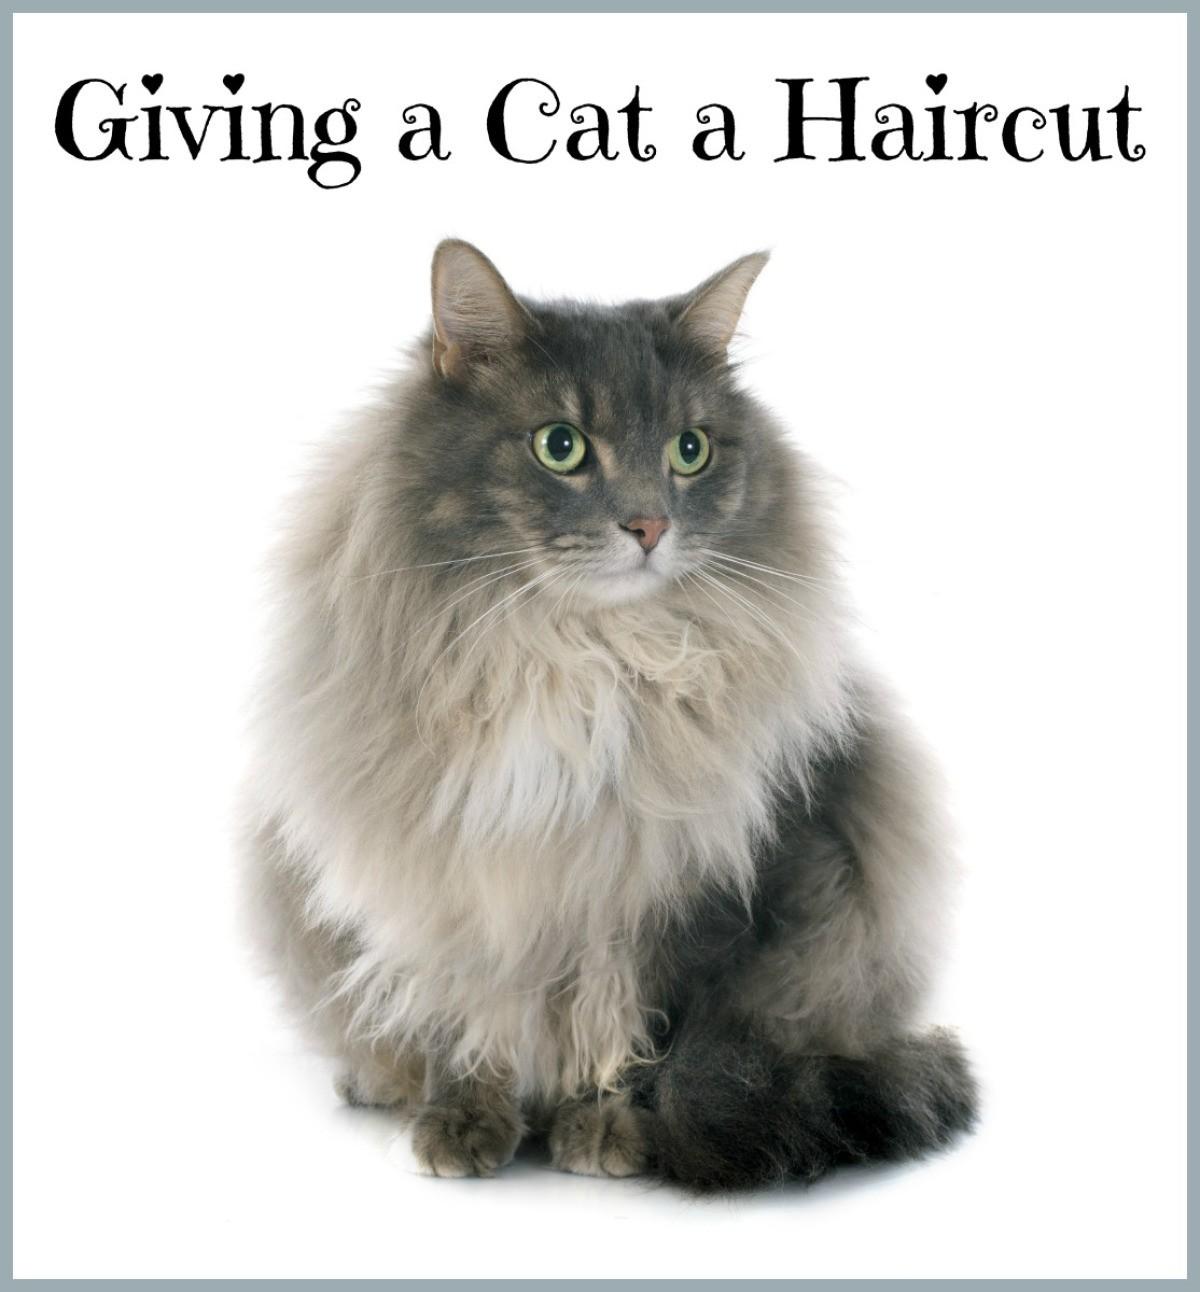 Giving a Cat a Haircut?  ThriftyFun